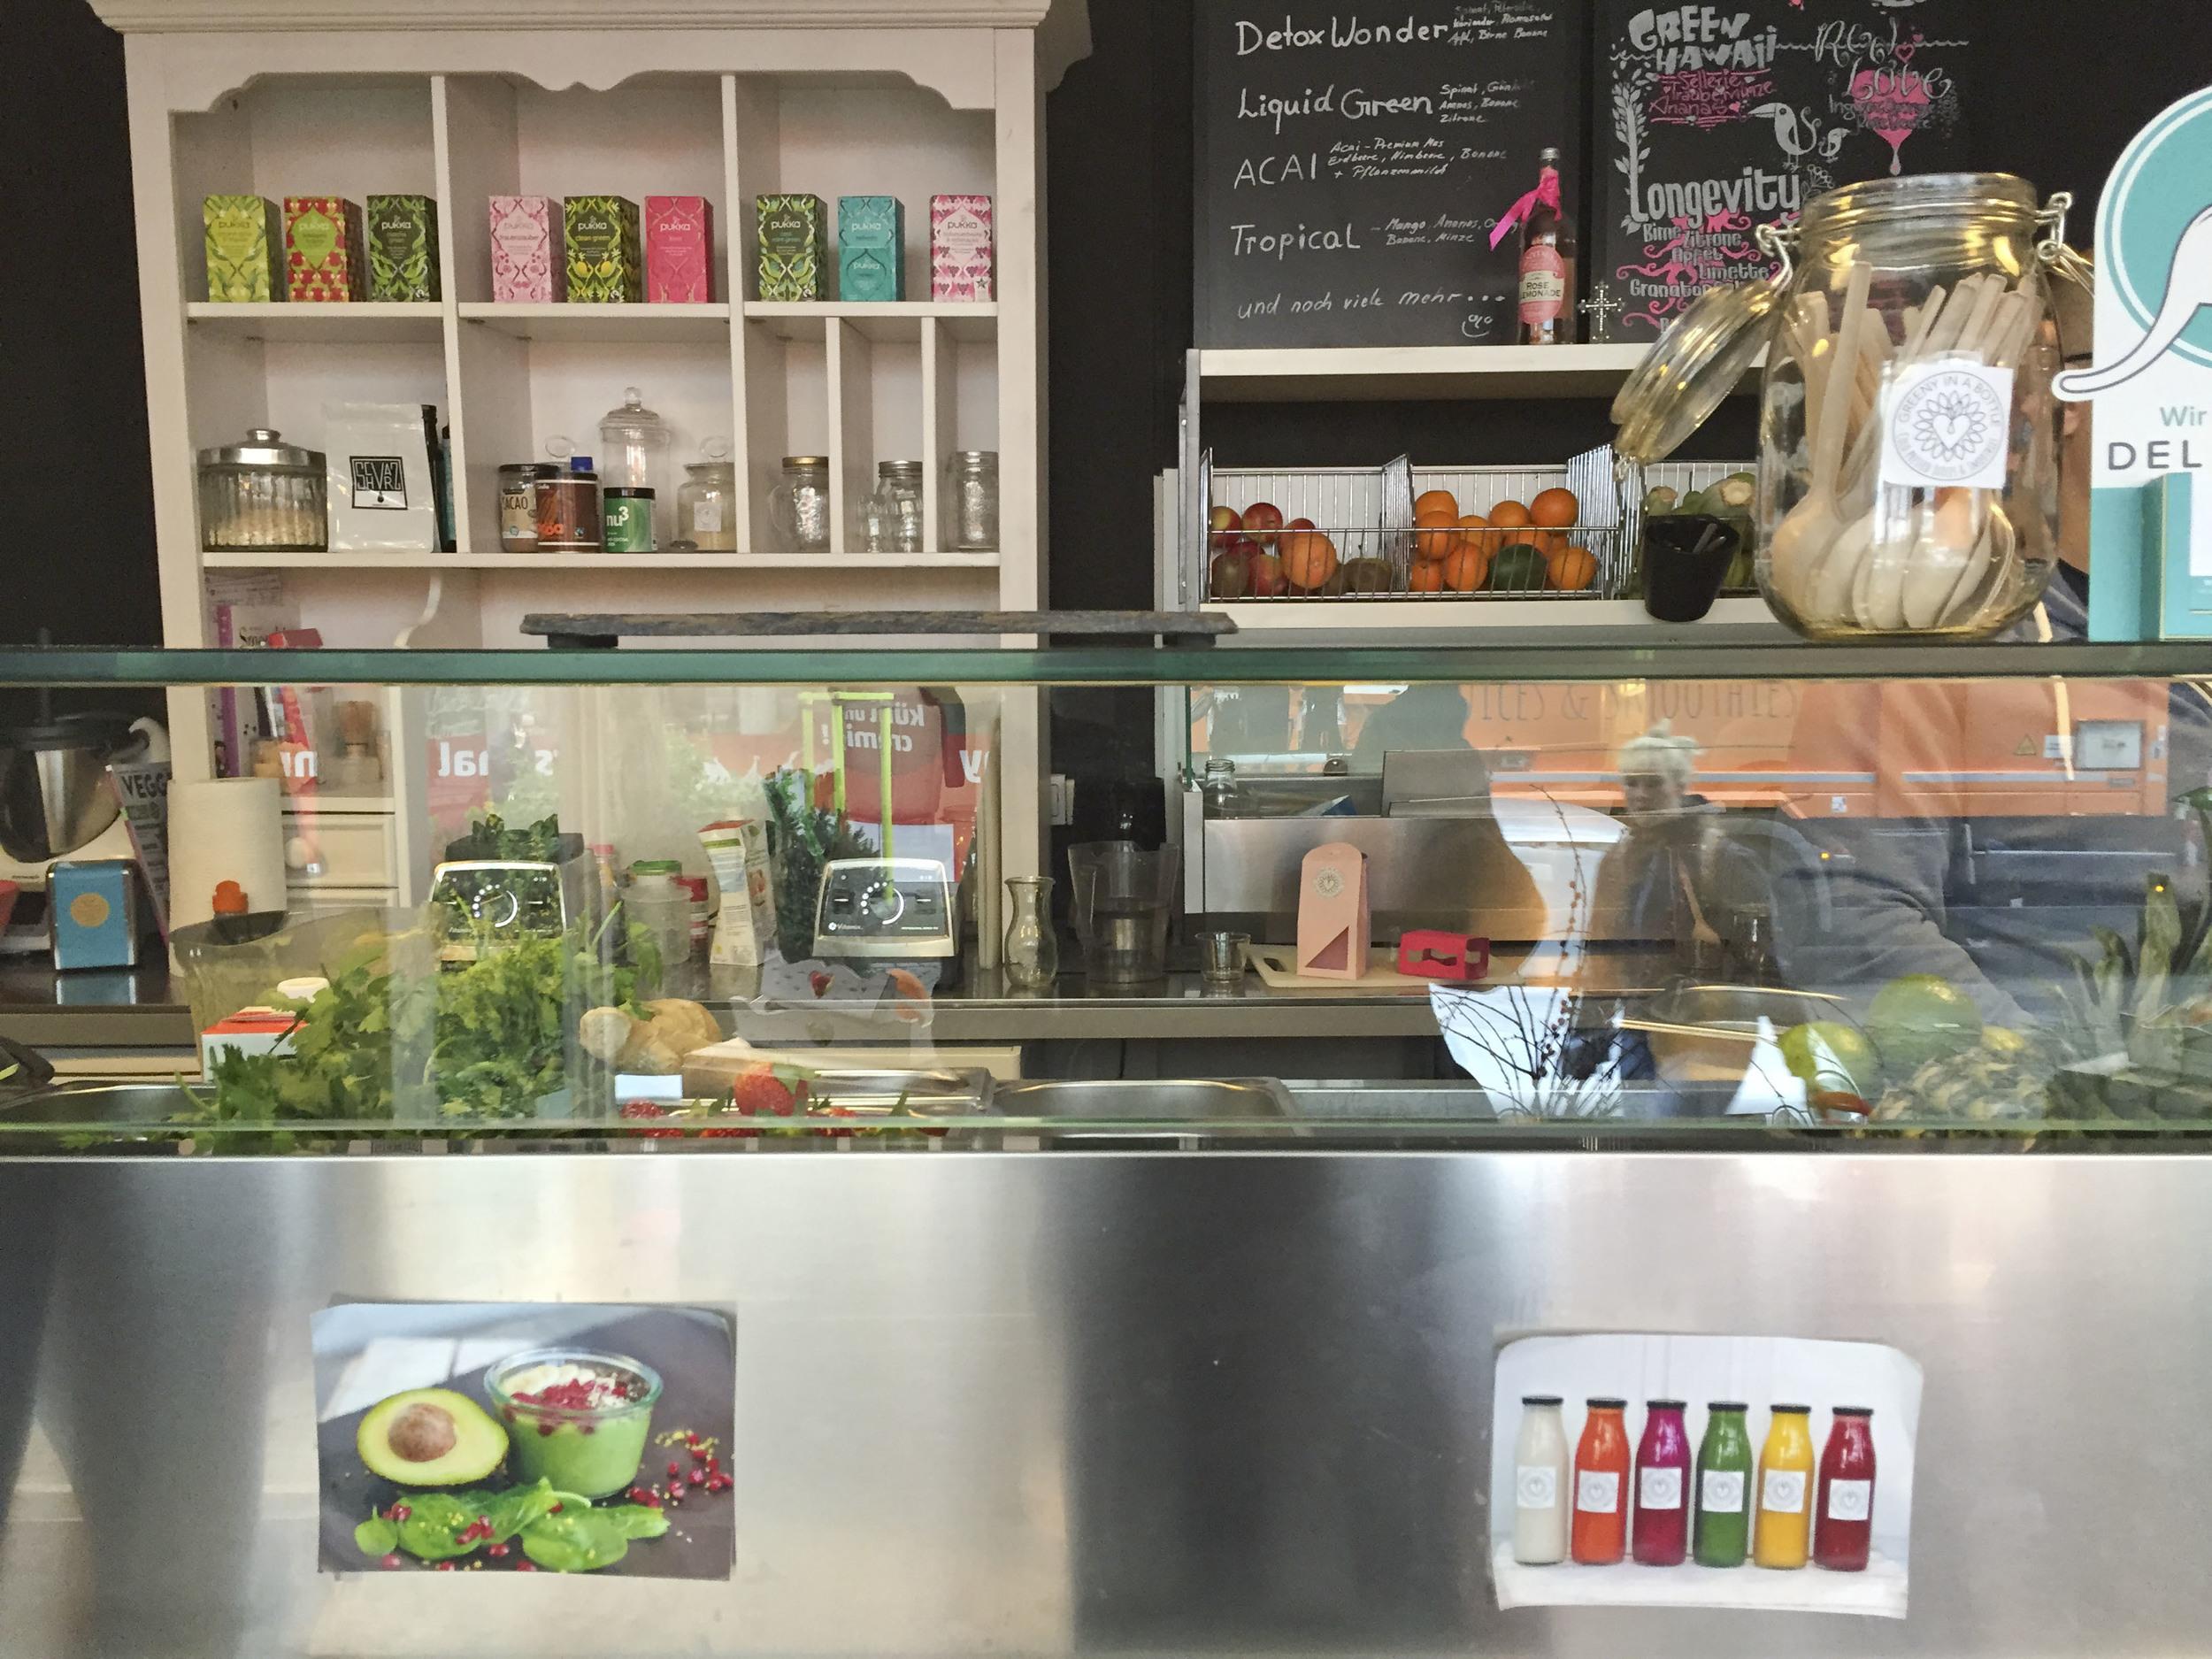 Greeny in a Bottle, Healthy food Restaurant  Düsseldorf4231.jpg